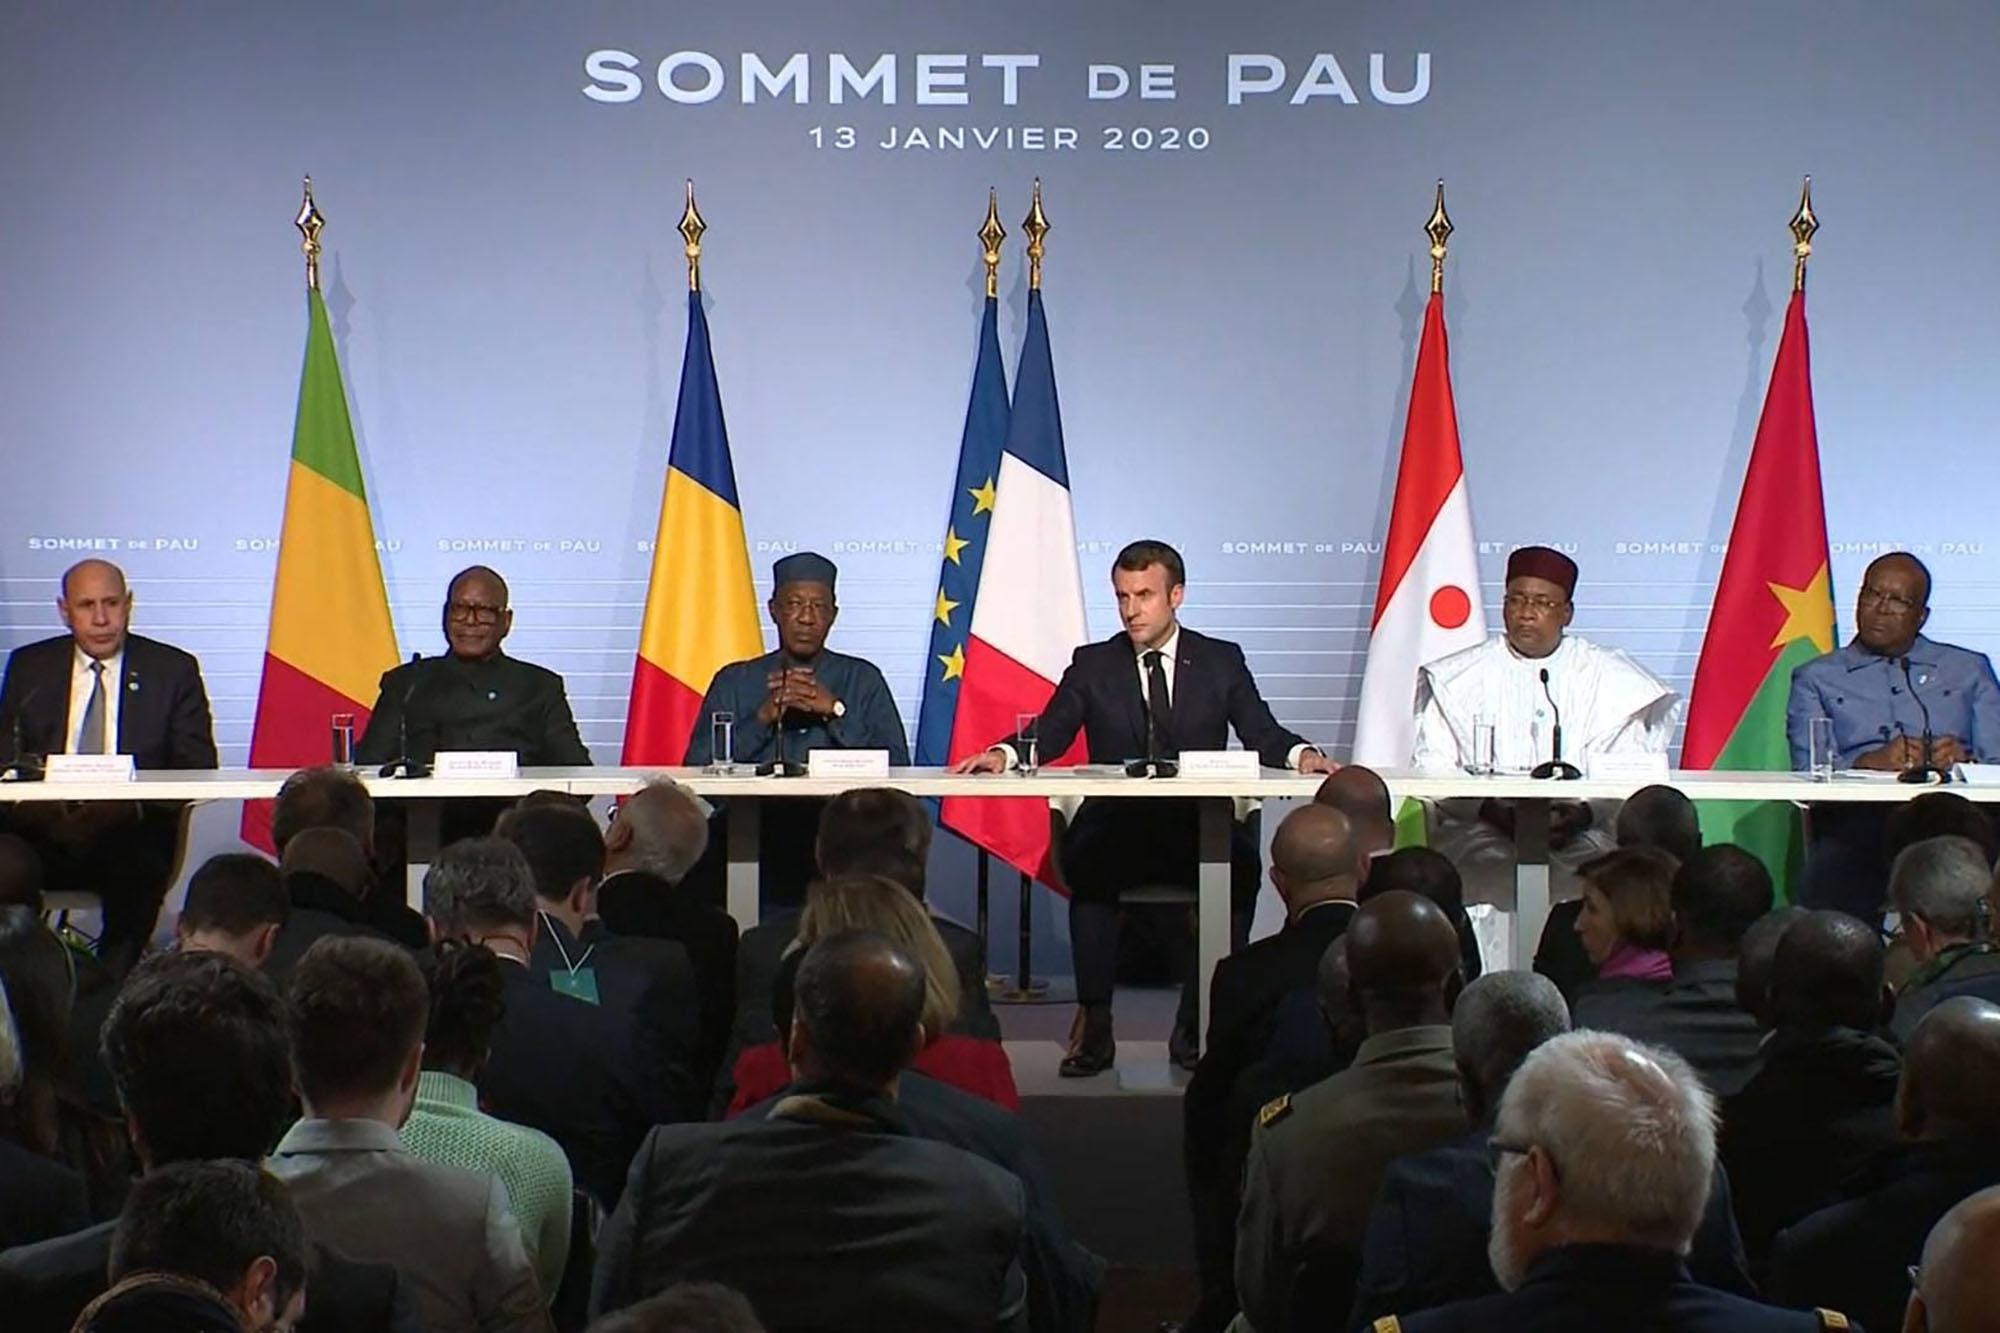 """Sommet de Pau: Macron dénonce des """"puissances étrangères"""" alimentant le discours antifrançais au Sahel"""